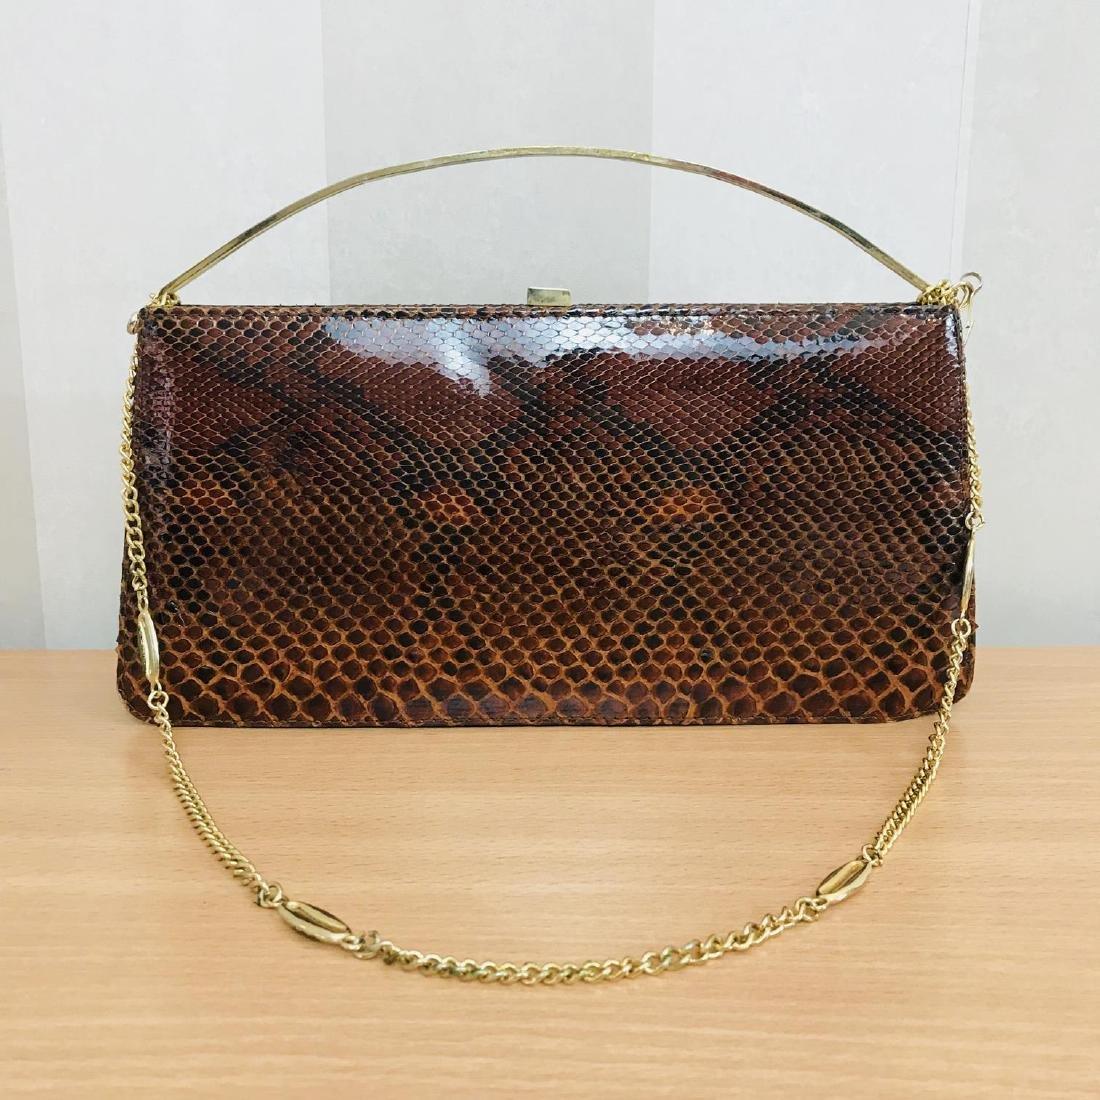 Vintage Genuine Snake Skin Leather Clutch Bag Handbag - 2